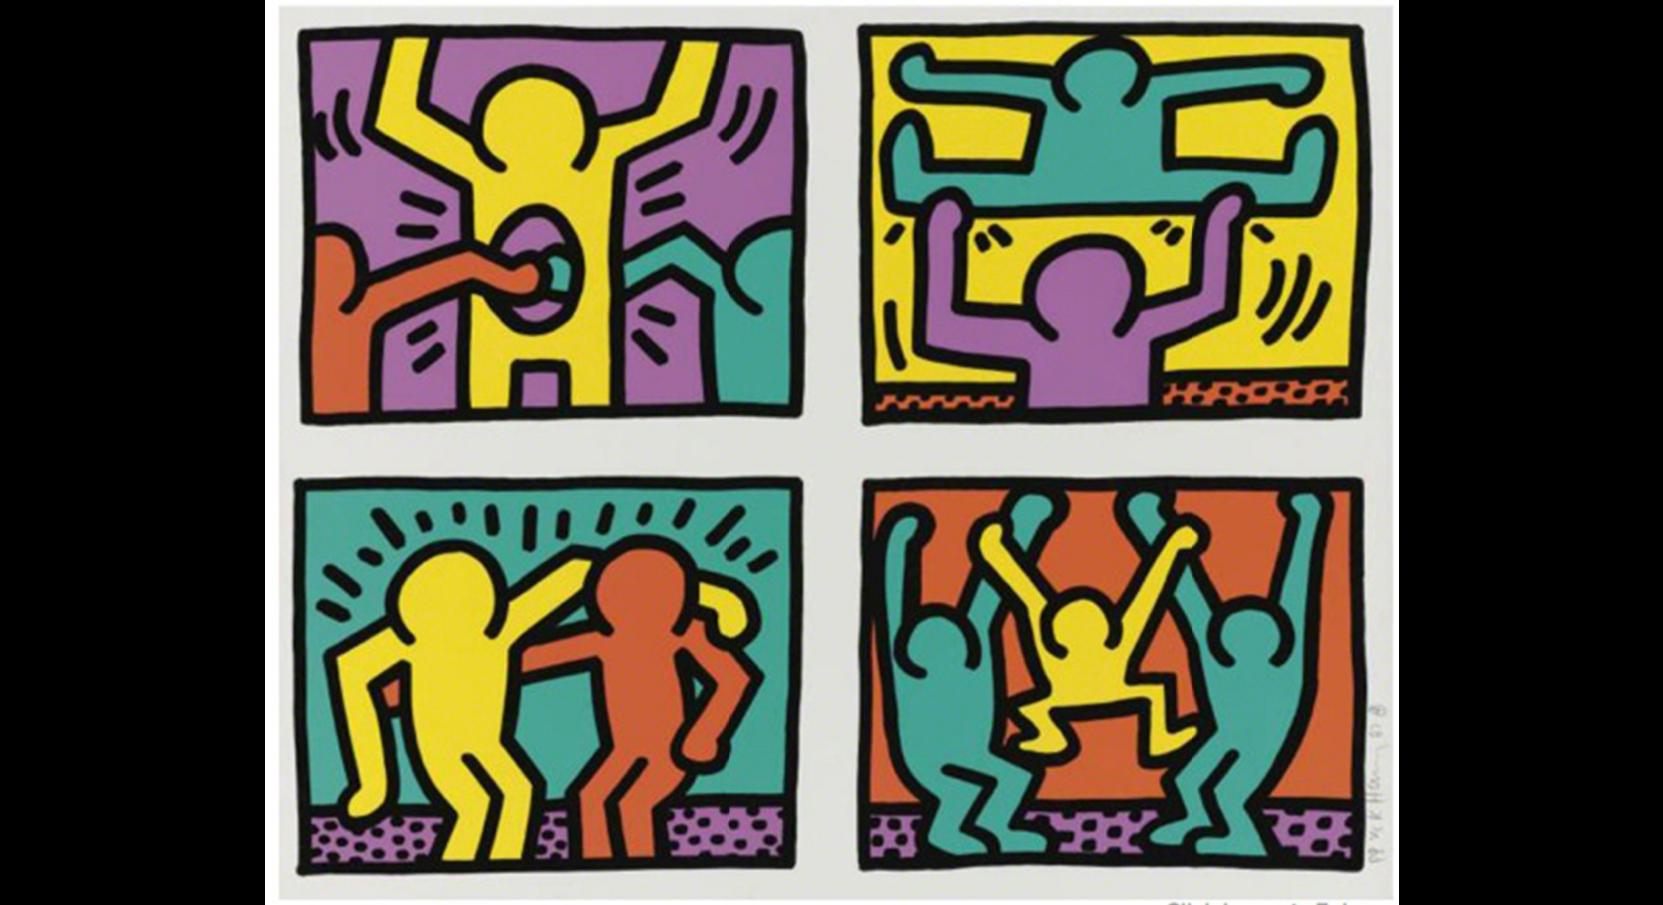 keith-haris-desenho-nova-york-anos-80-aids-dionisio-arte (12)